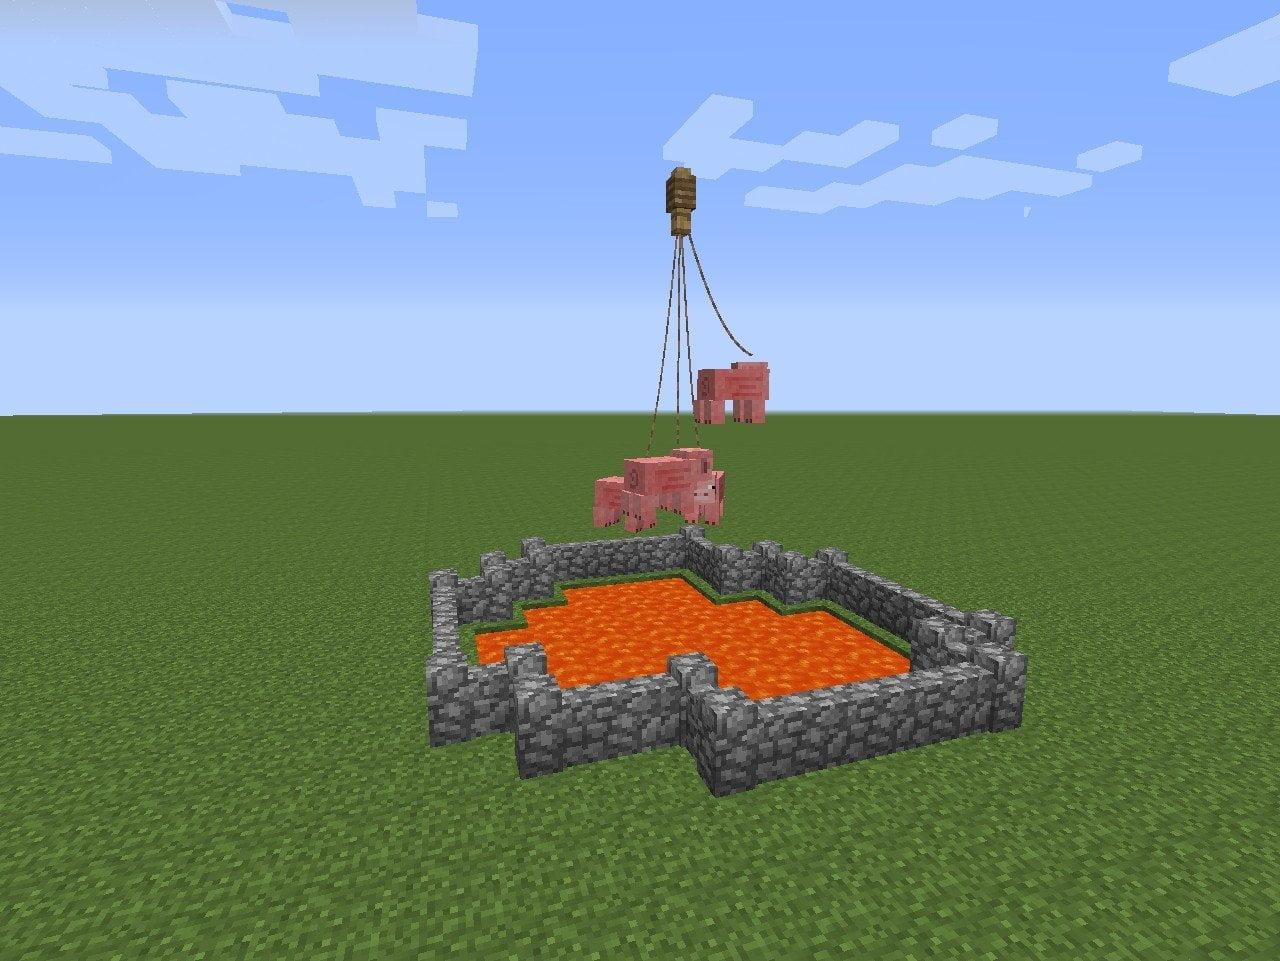 ᐅ Schweine-Stuntshow in Minecraft bauen - minecraft-bauideen.de